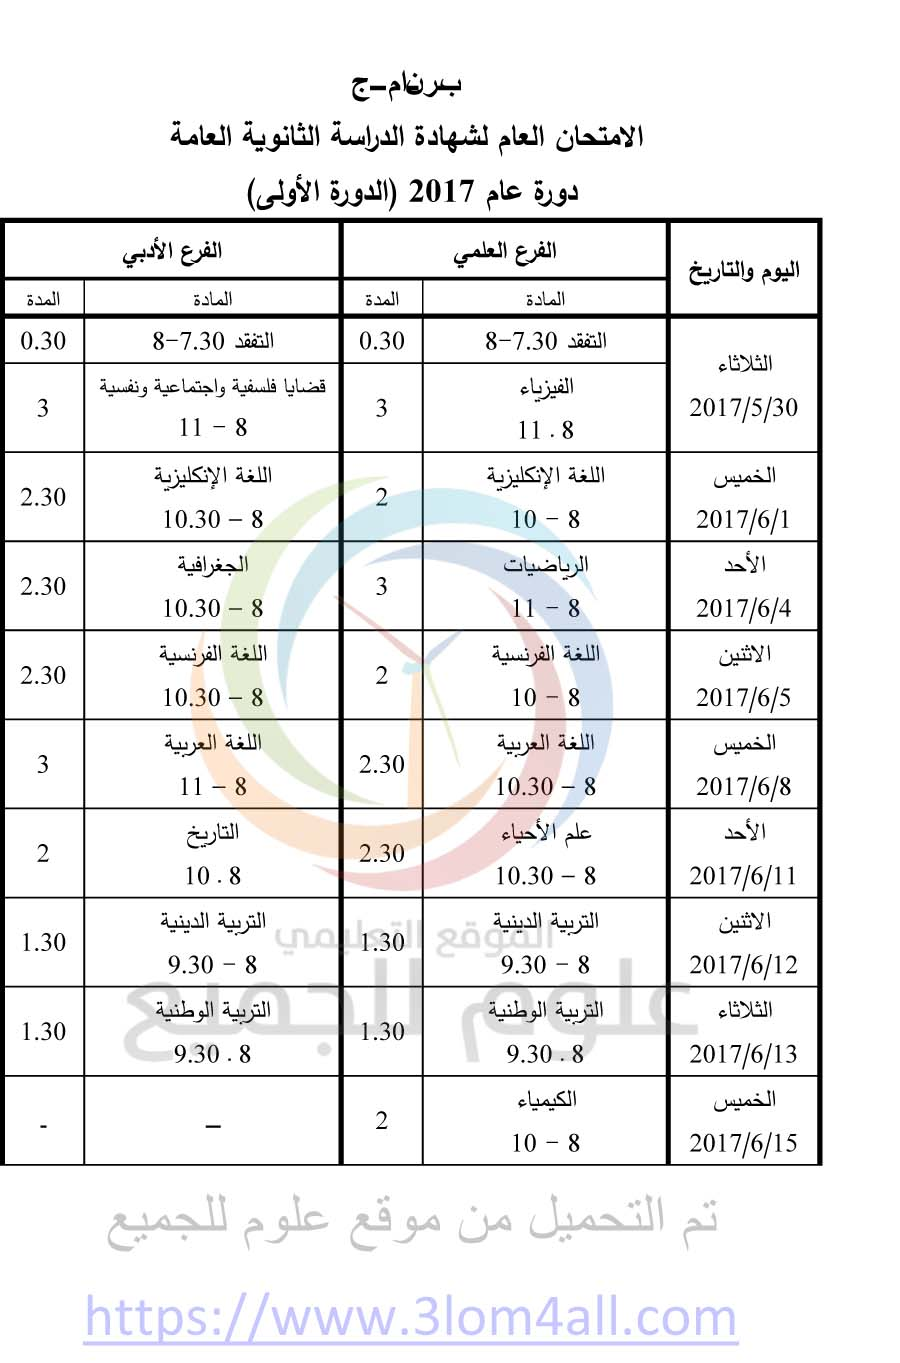 برنامج البكالوريا السنوات السابقة في سوريا